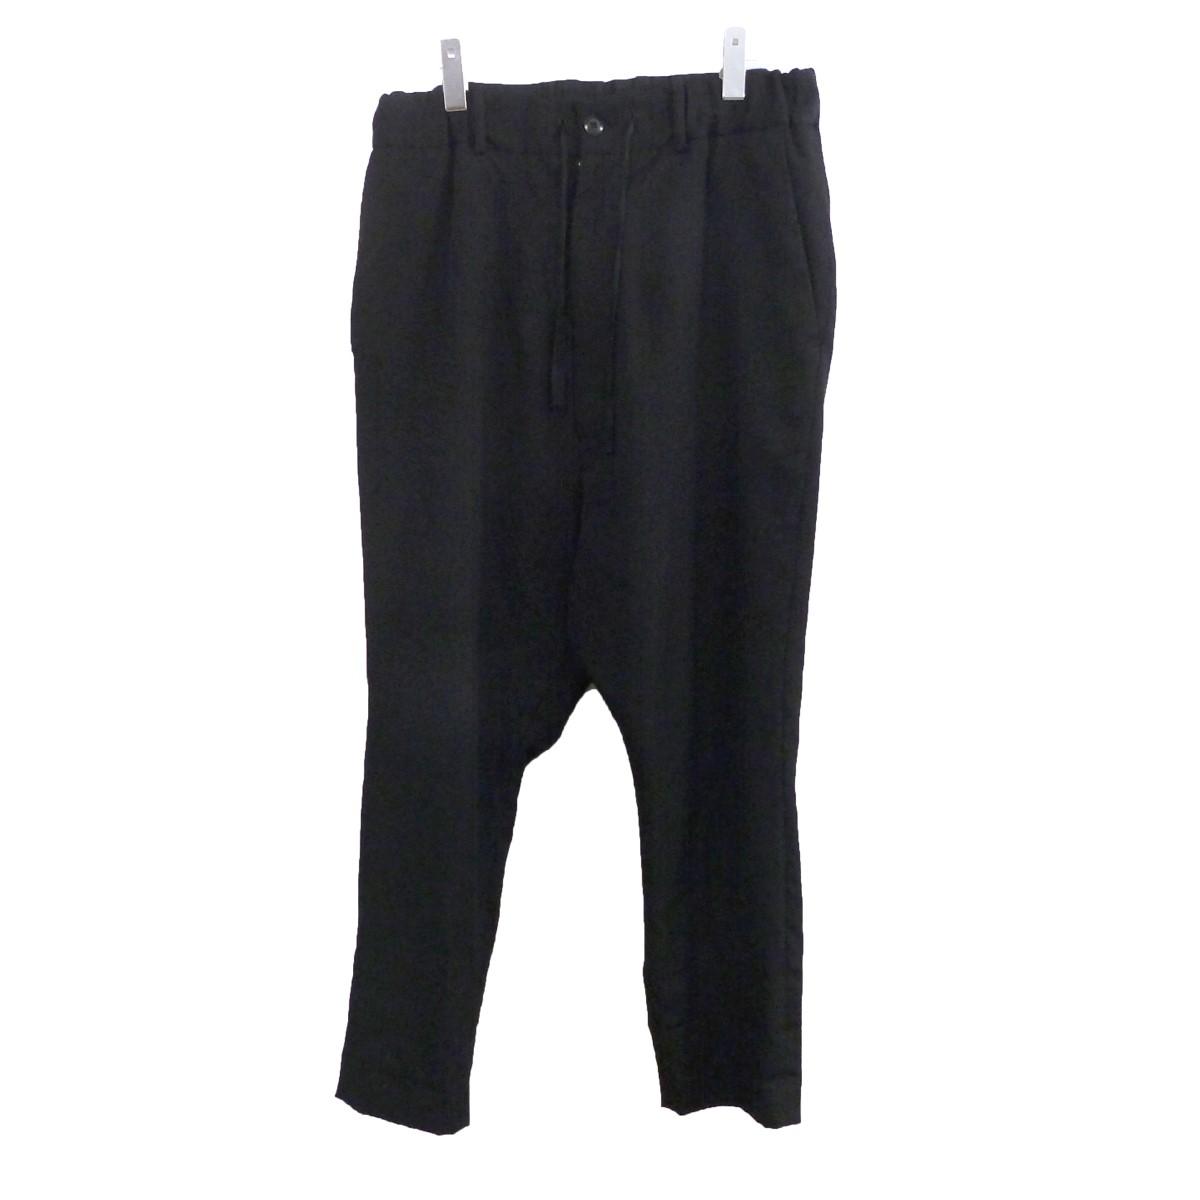 【中古】YOHJI YAMAMOTO pour homme ギャバジンウールイージーワイドパンツ ブラック サイズ:2 【090620】(ヨウジヤマモトプールオム)